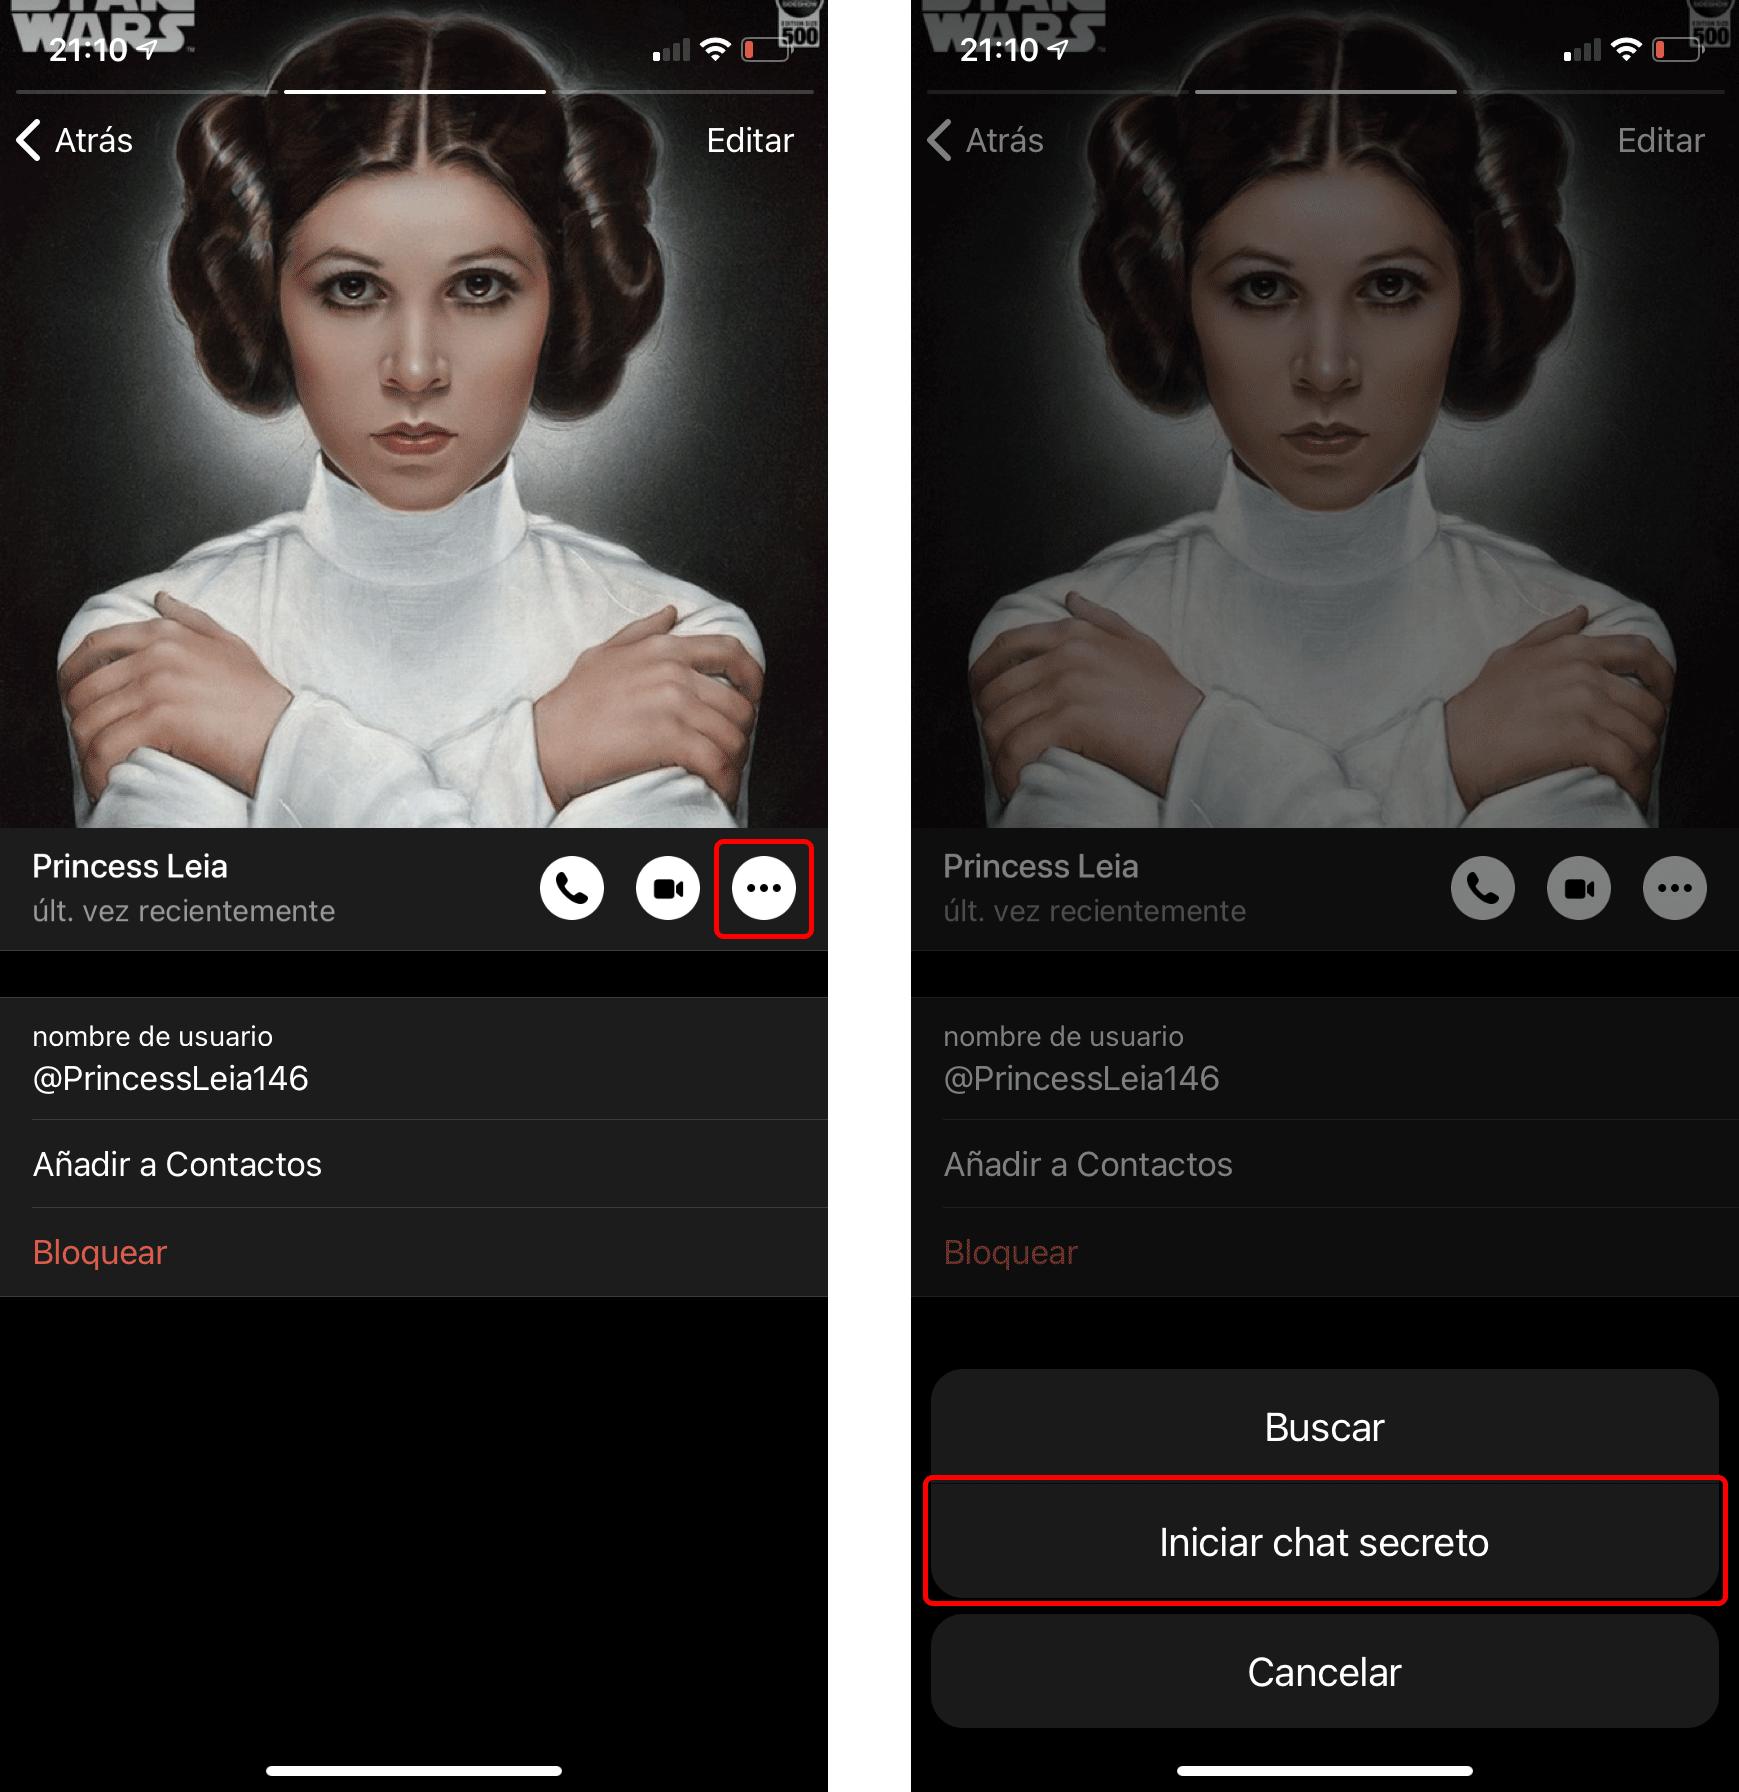 Cómo activar el cifrado de extremo a extremo en Telegram: Crear un nuevo chat secreto